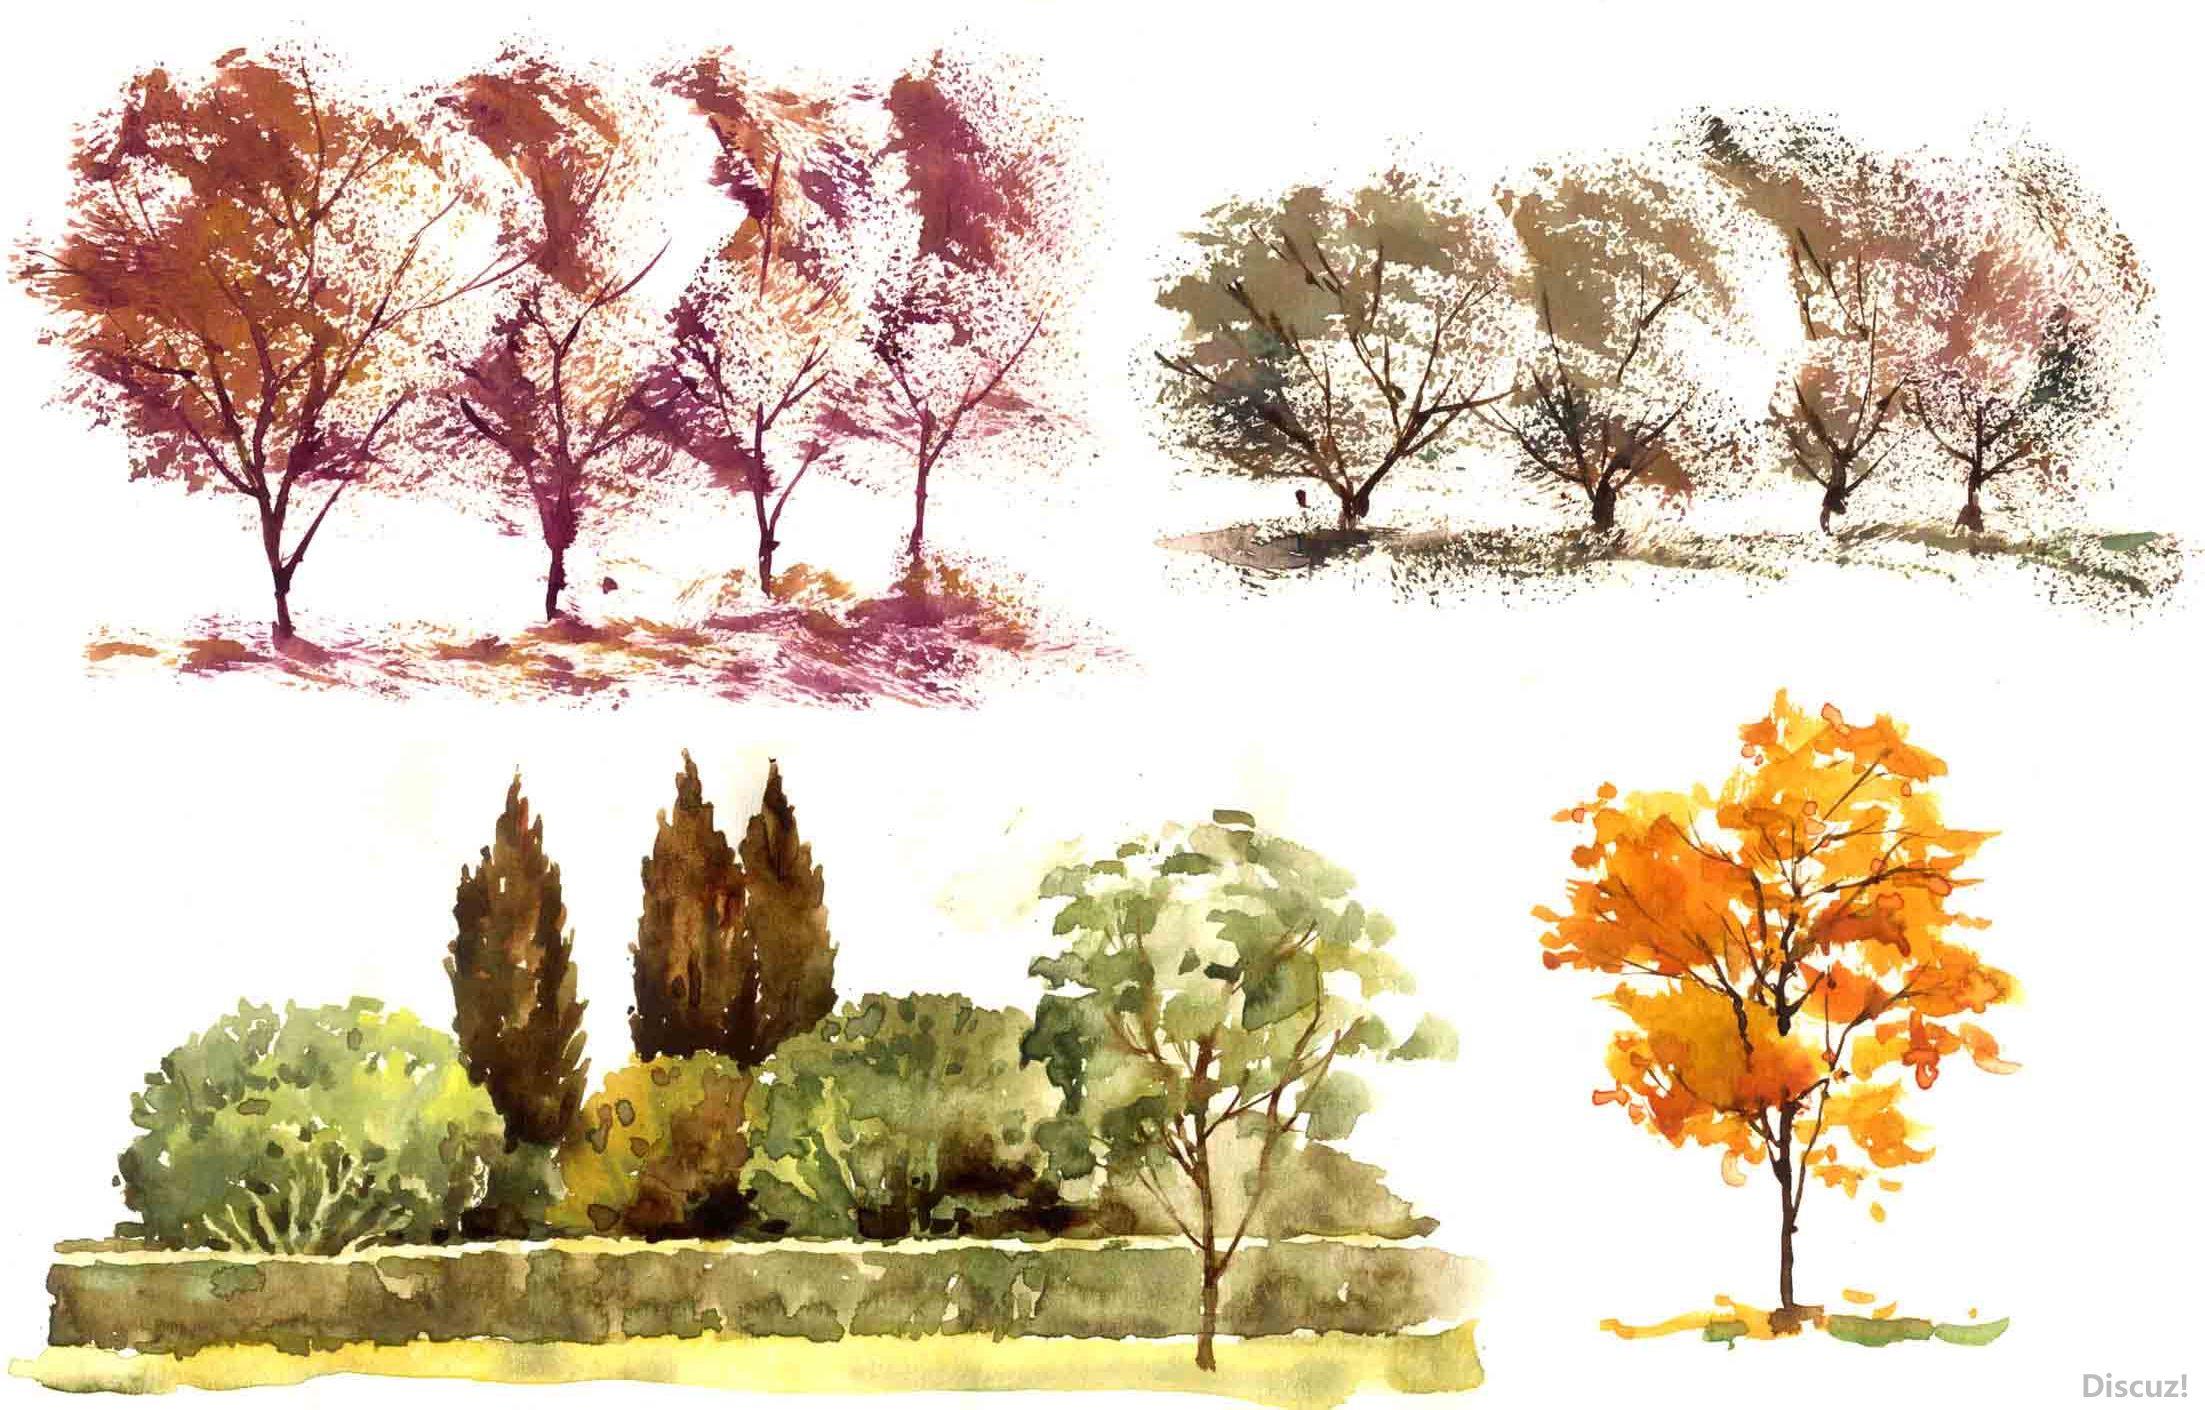 园林景观植物树木水彩画法作品案例手绘效果图